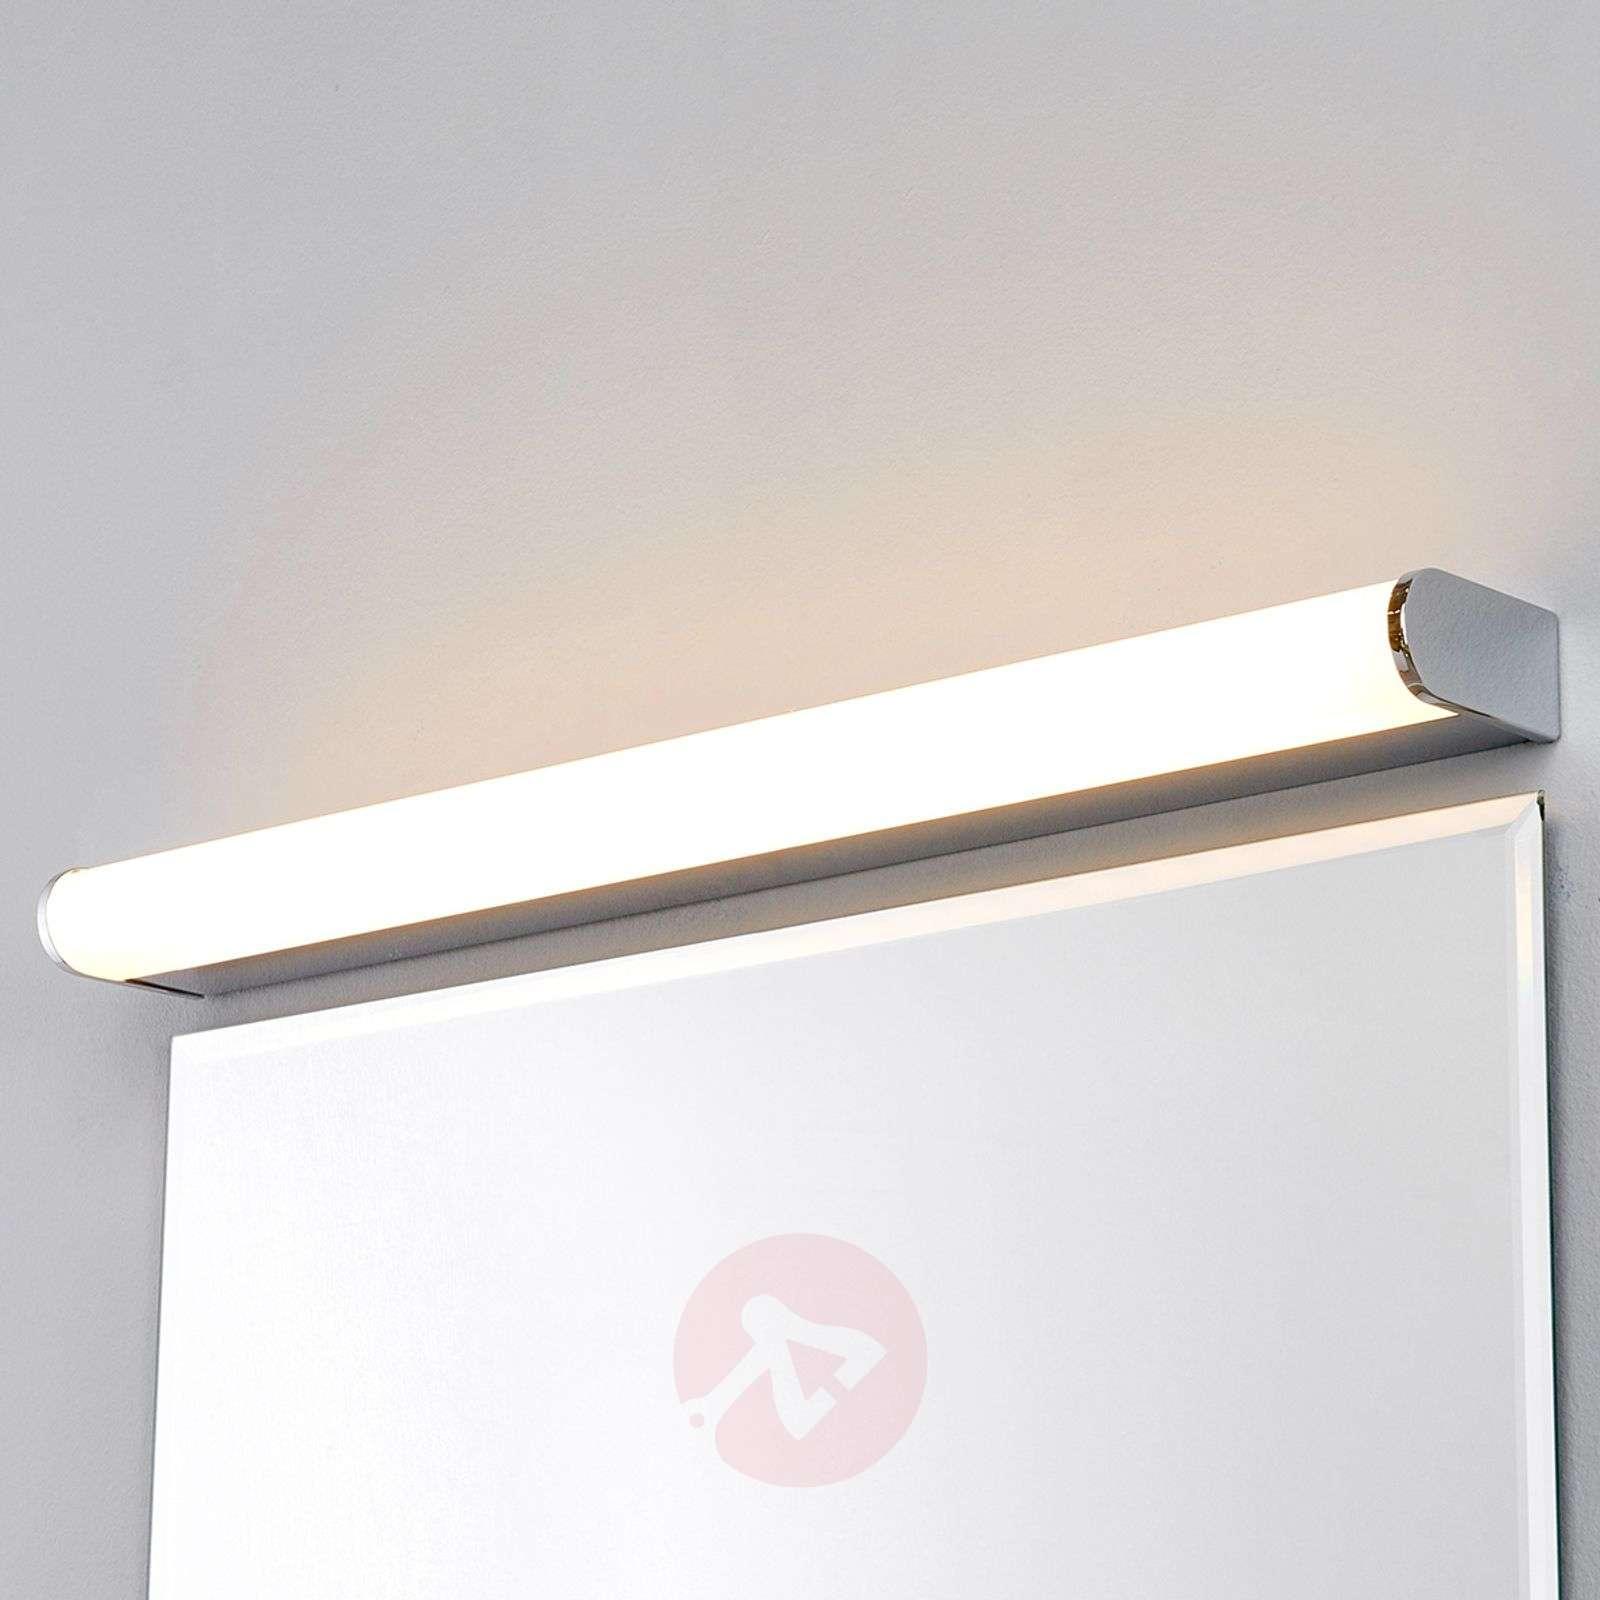 LED-kylpy ja peilivalo Philippa puolipyöreä 58cm-9641012-03